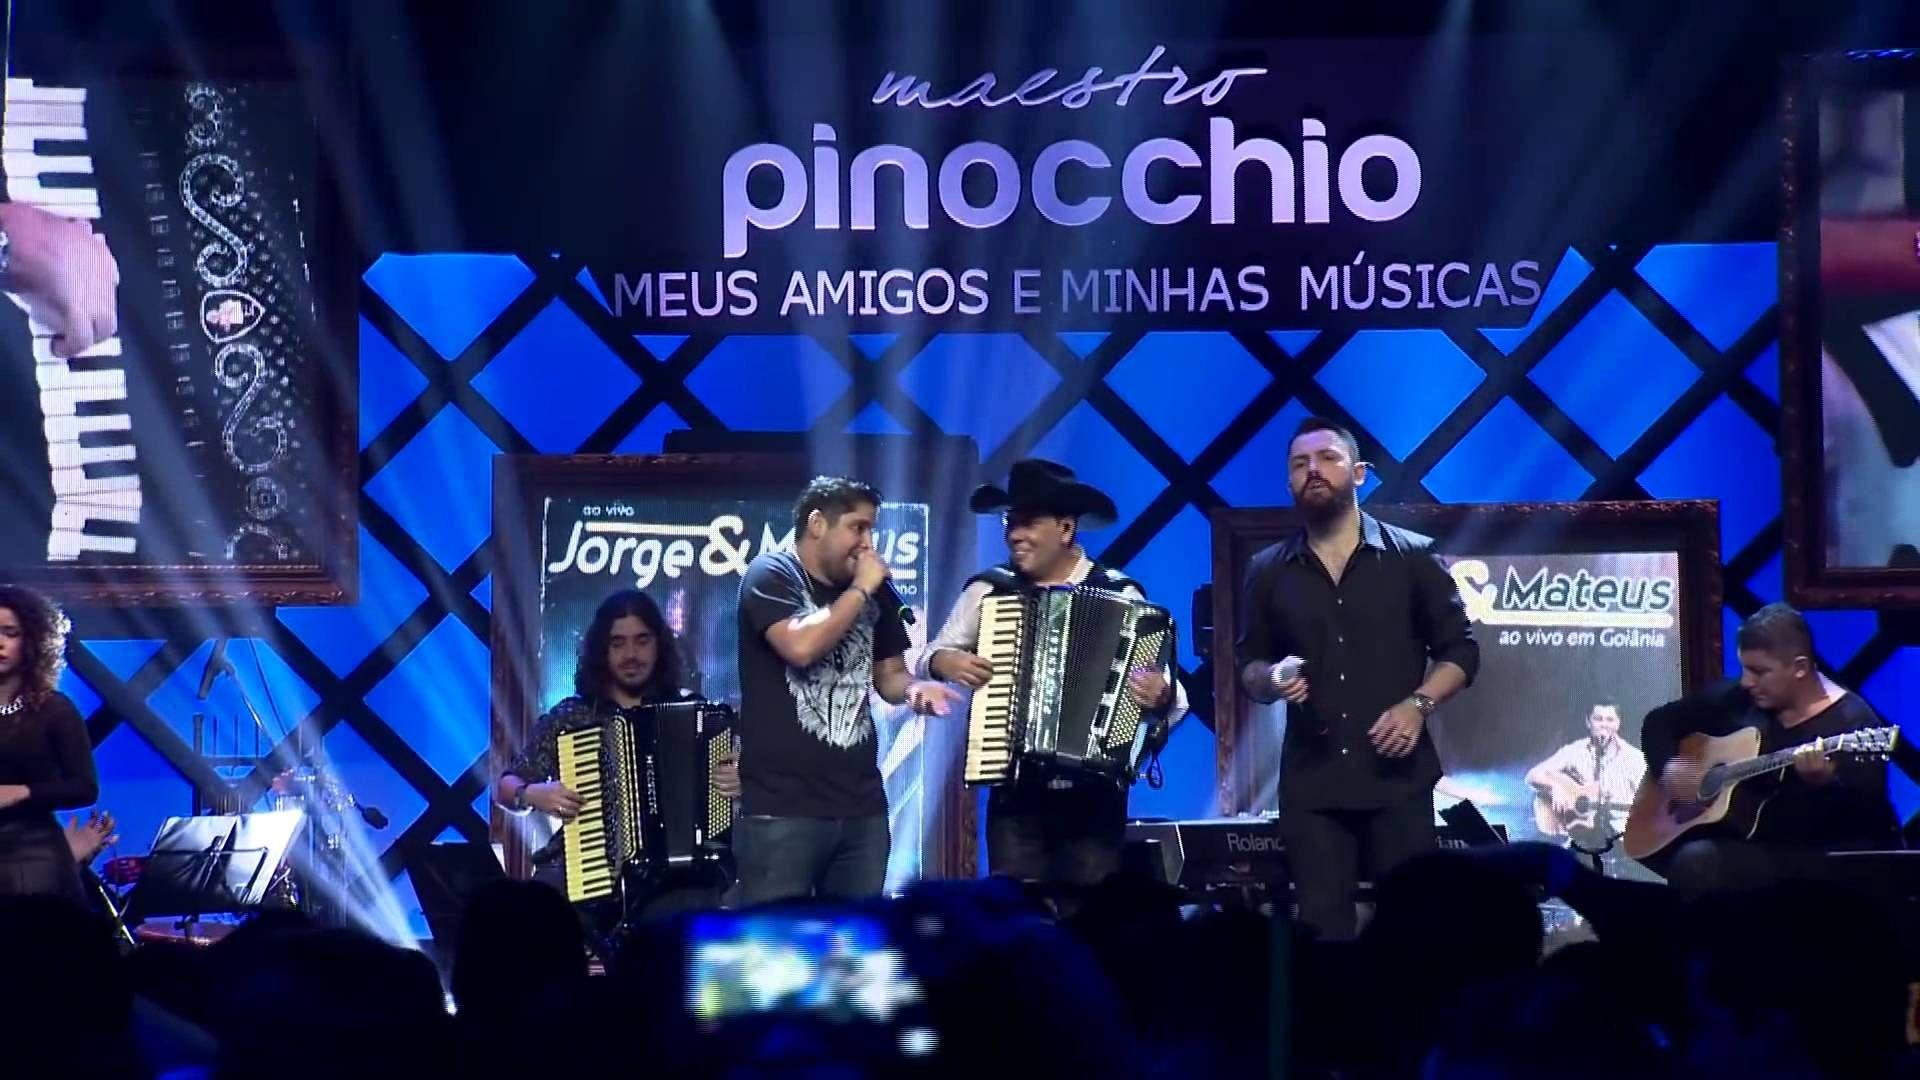 Jorge Mateus Pergunta Boba Part Maestro Pinocchio Video